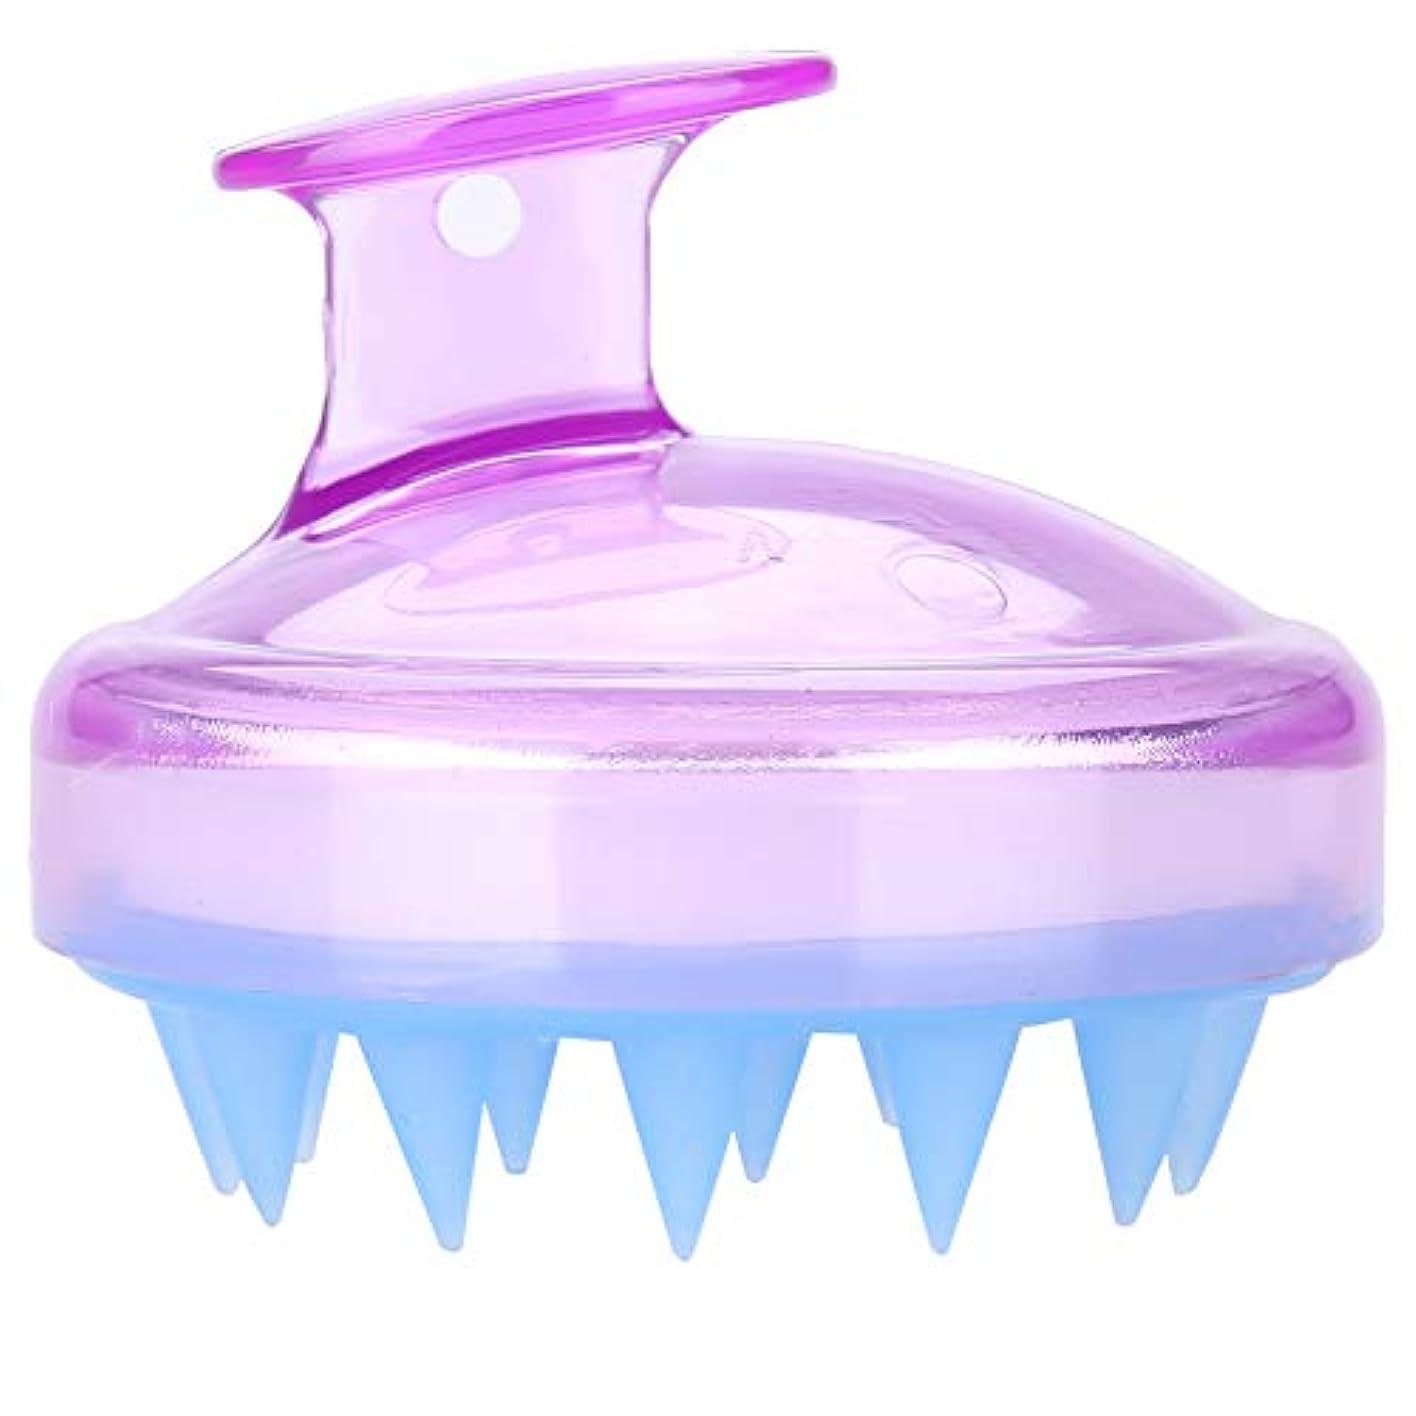 芝生クレタ全滅させる5色マッサージャーヘッド - スカルプマッサージャー、マッサージャーブラシヘッドシャンプー - ボディ洗浄マッサージャーのためのシャワーブラシ(紫の)